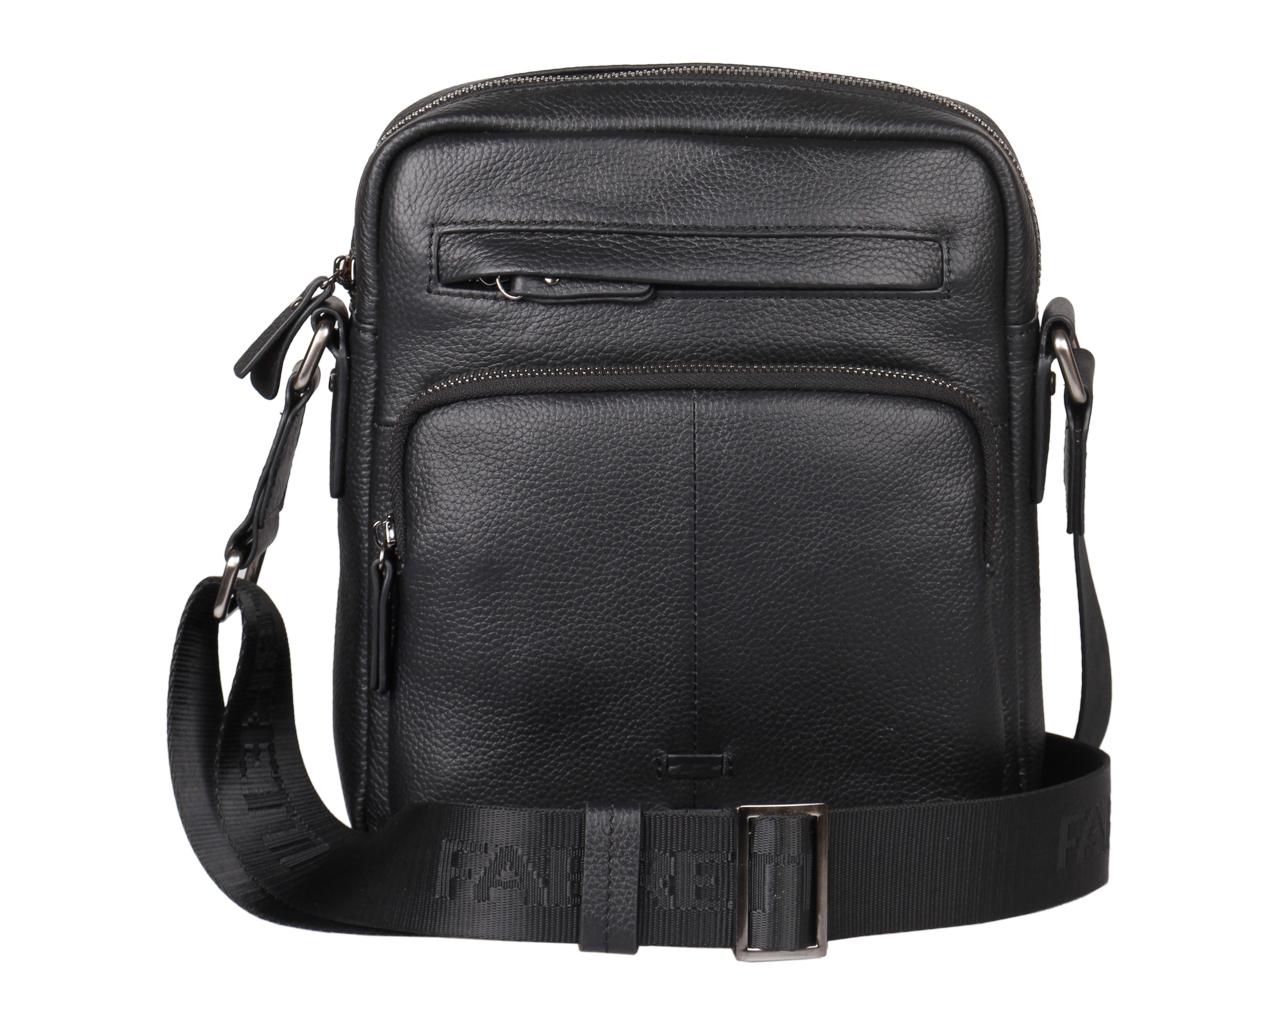 Сумка мужская Fabretti, цвет: черный. 5557FAB5557FAB-blackМужская сумка Fabretti выполнена из натуральной кожи с фактурным тиснением. Модель имеет одно основное отделение, которое закрывается на застежку-молнию. Внутри находится накладной открытый карман, прорезной карман на застежке-молнии и два держателя для авторучек. Снаружи, на передней стенке расположены прорезной и накладной карманы на застежках-молниях, на задней стенке - накладной карман на магнитной кнопке. Изделие оснащено текстильным плечевым ремнем, который регулируется по длине. Изделие упаковано в текстильный фирменный чехол для хранения. Этот стильный аксессуар станет изысканным дополнением к вашему образу.